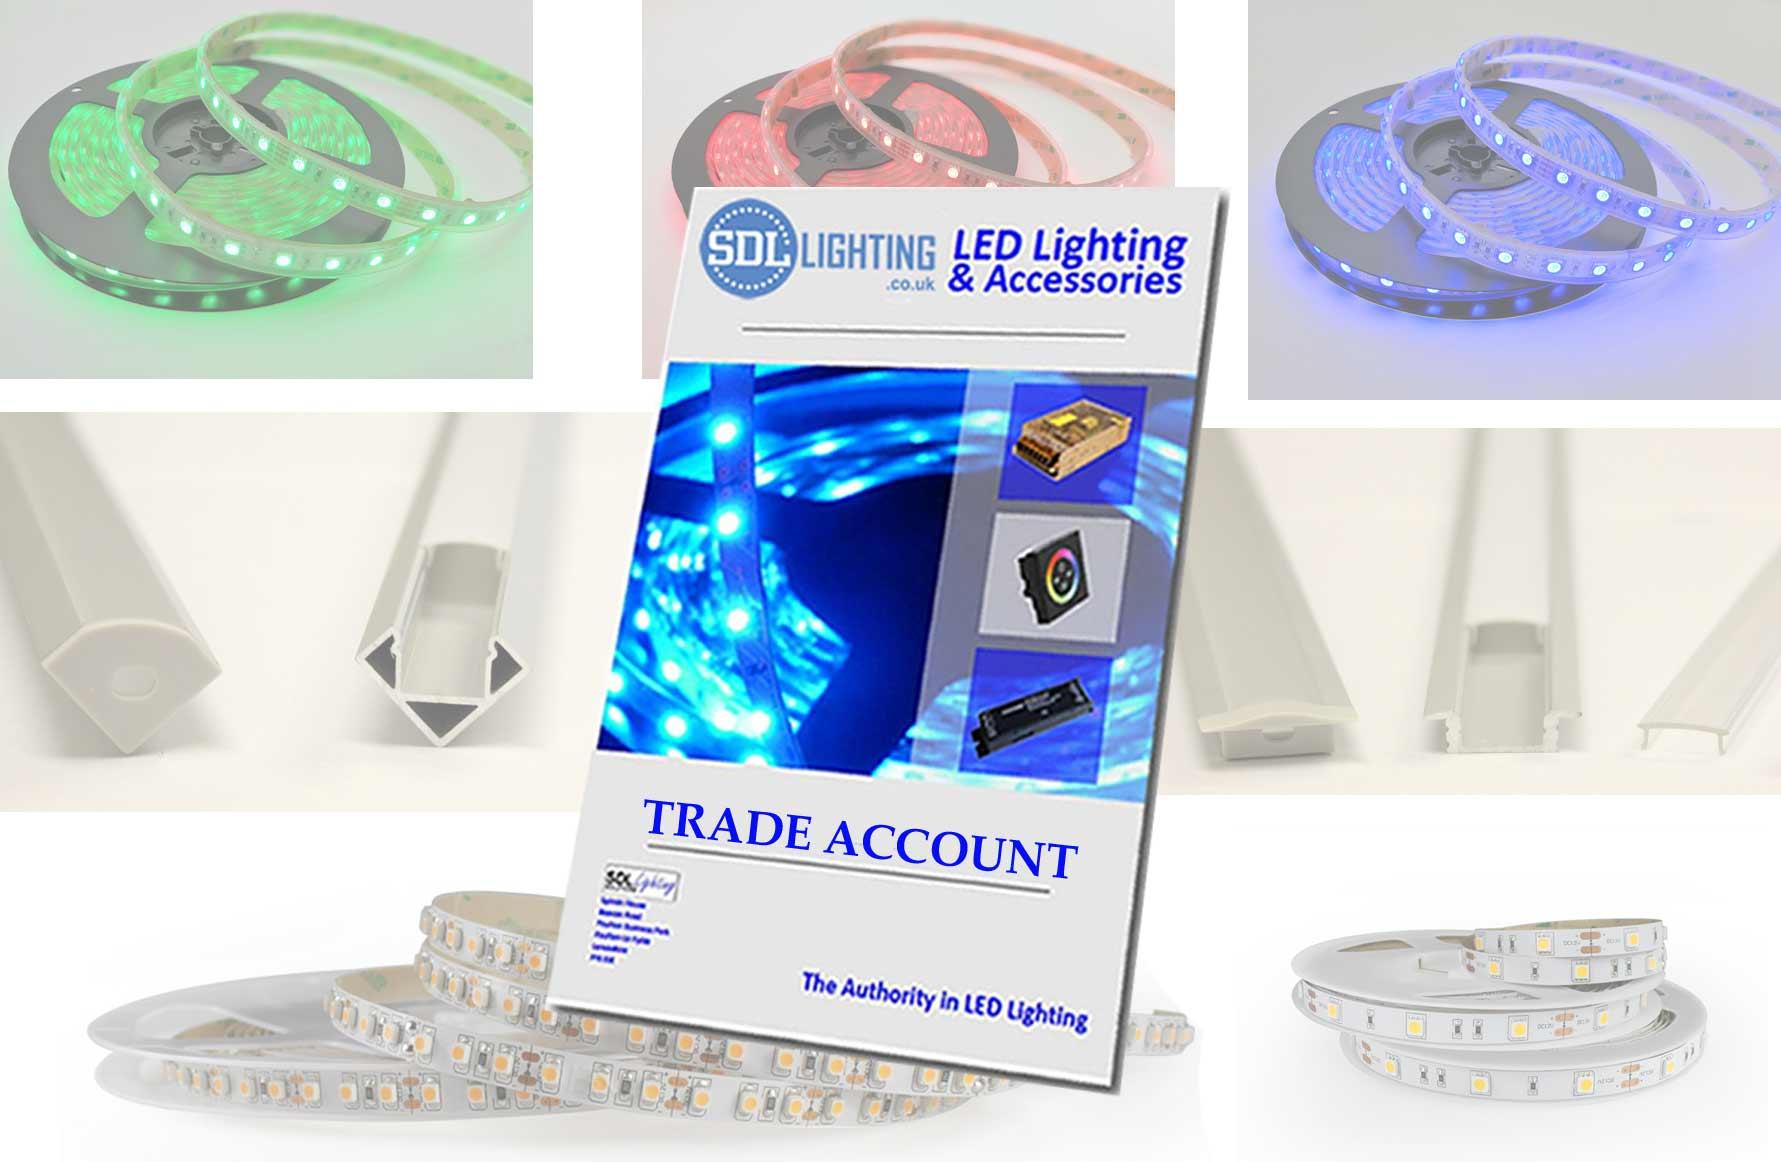 sdl lighting commercial led lighting